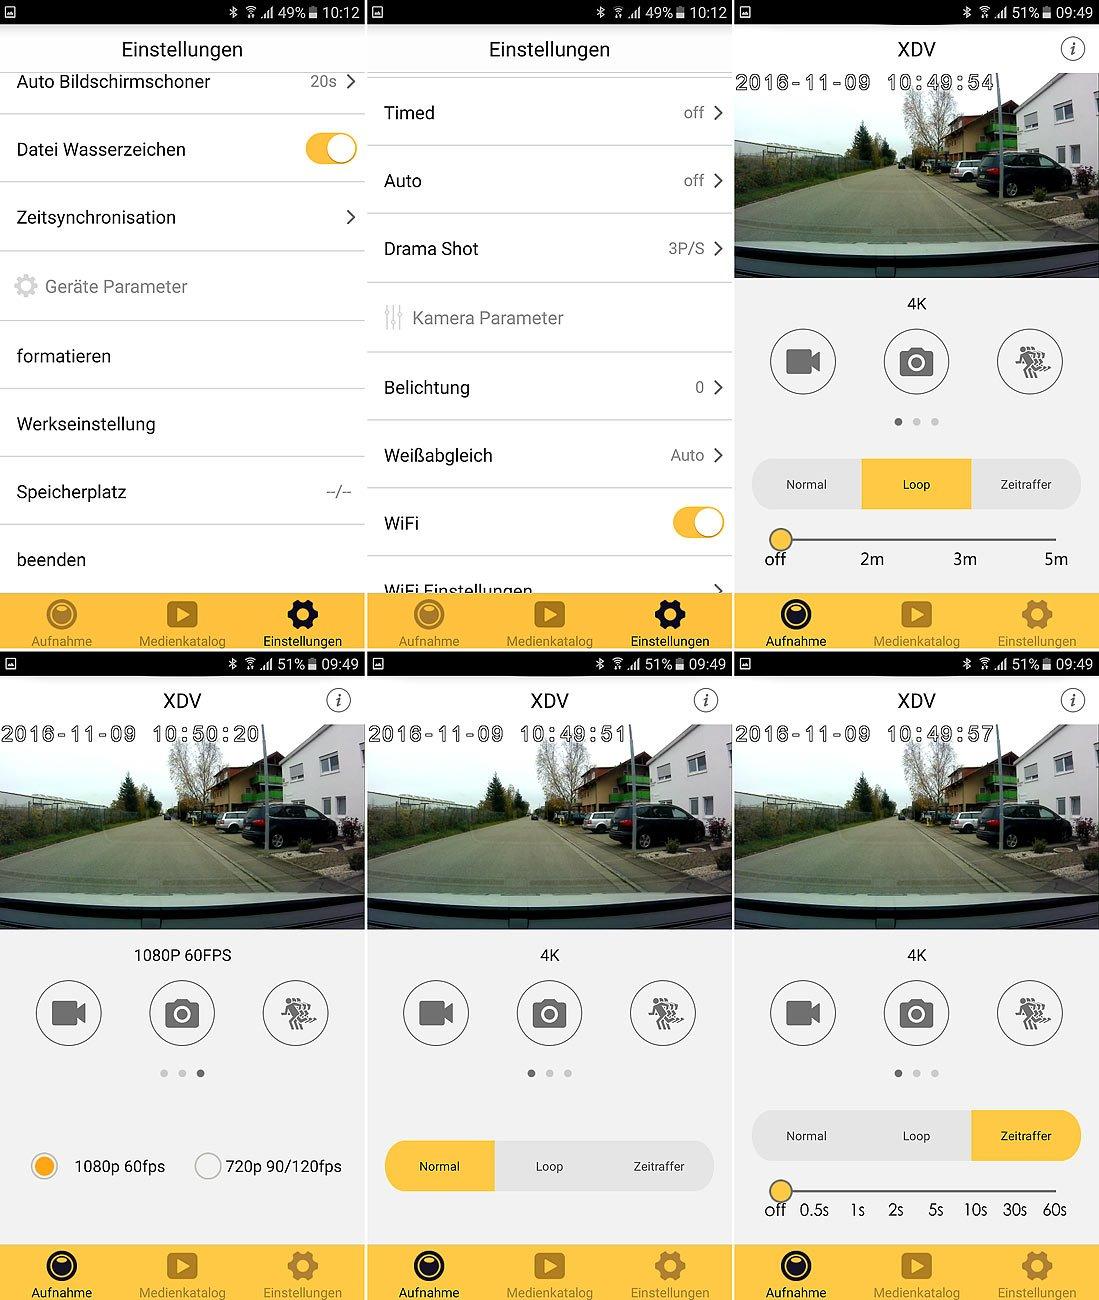 NavGear-Dashcam-4K-GPS-4K-UHD-Dashcam-mit-G-Sensor-WLAN-Bewegungserkennung-170-Weitwinkel-Car-Cam-mit-GPS-4K